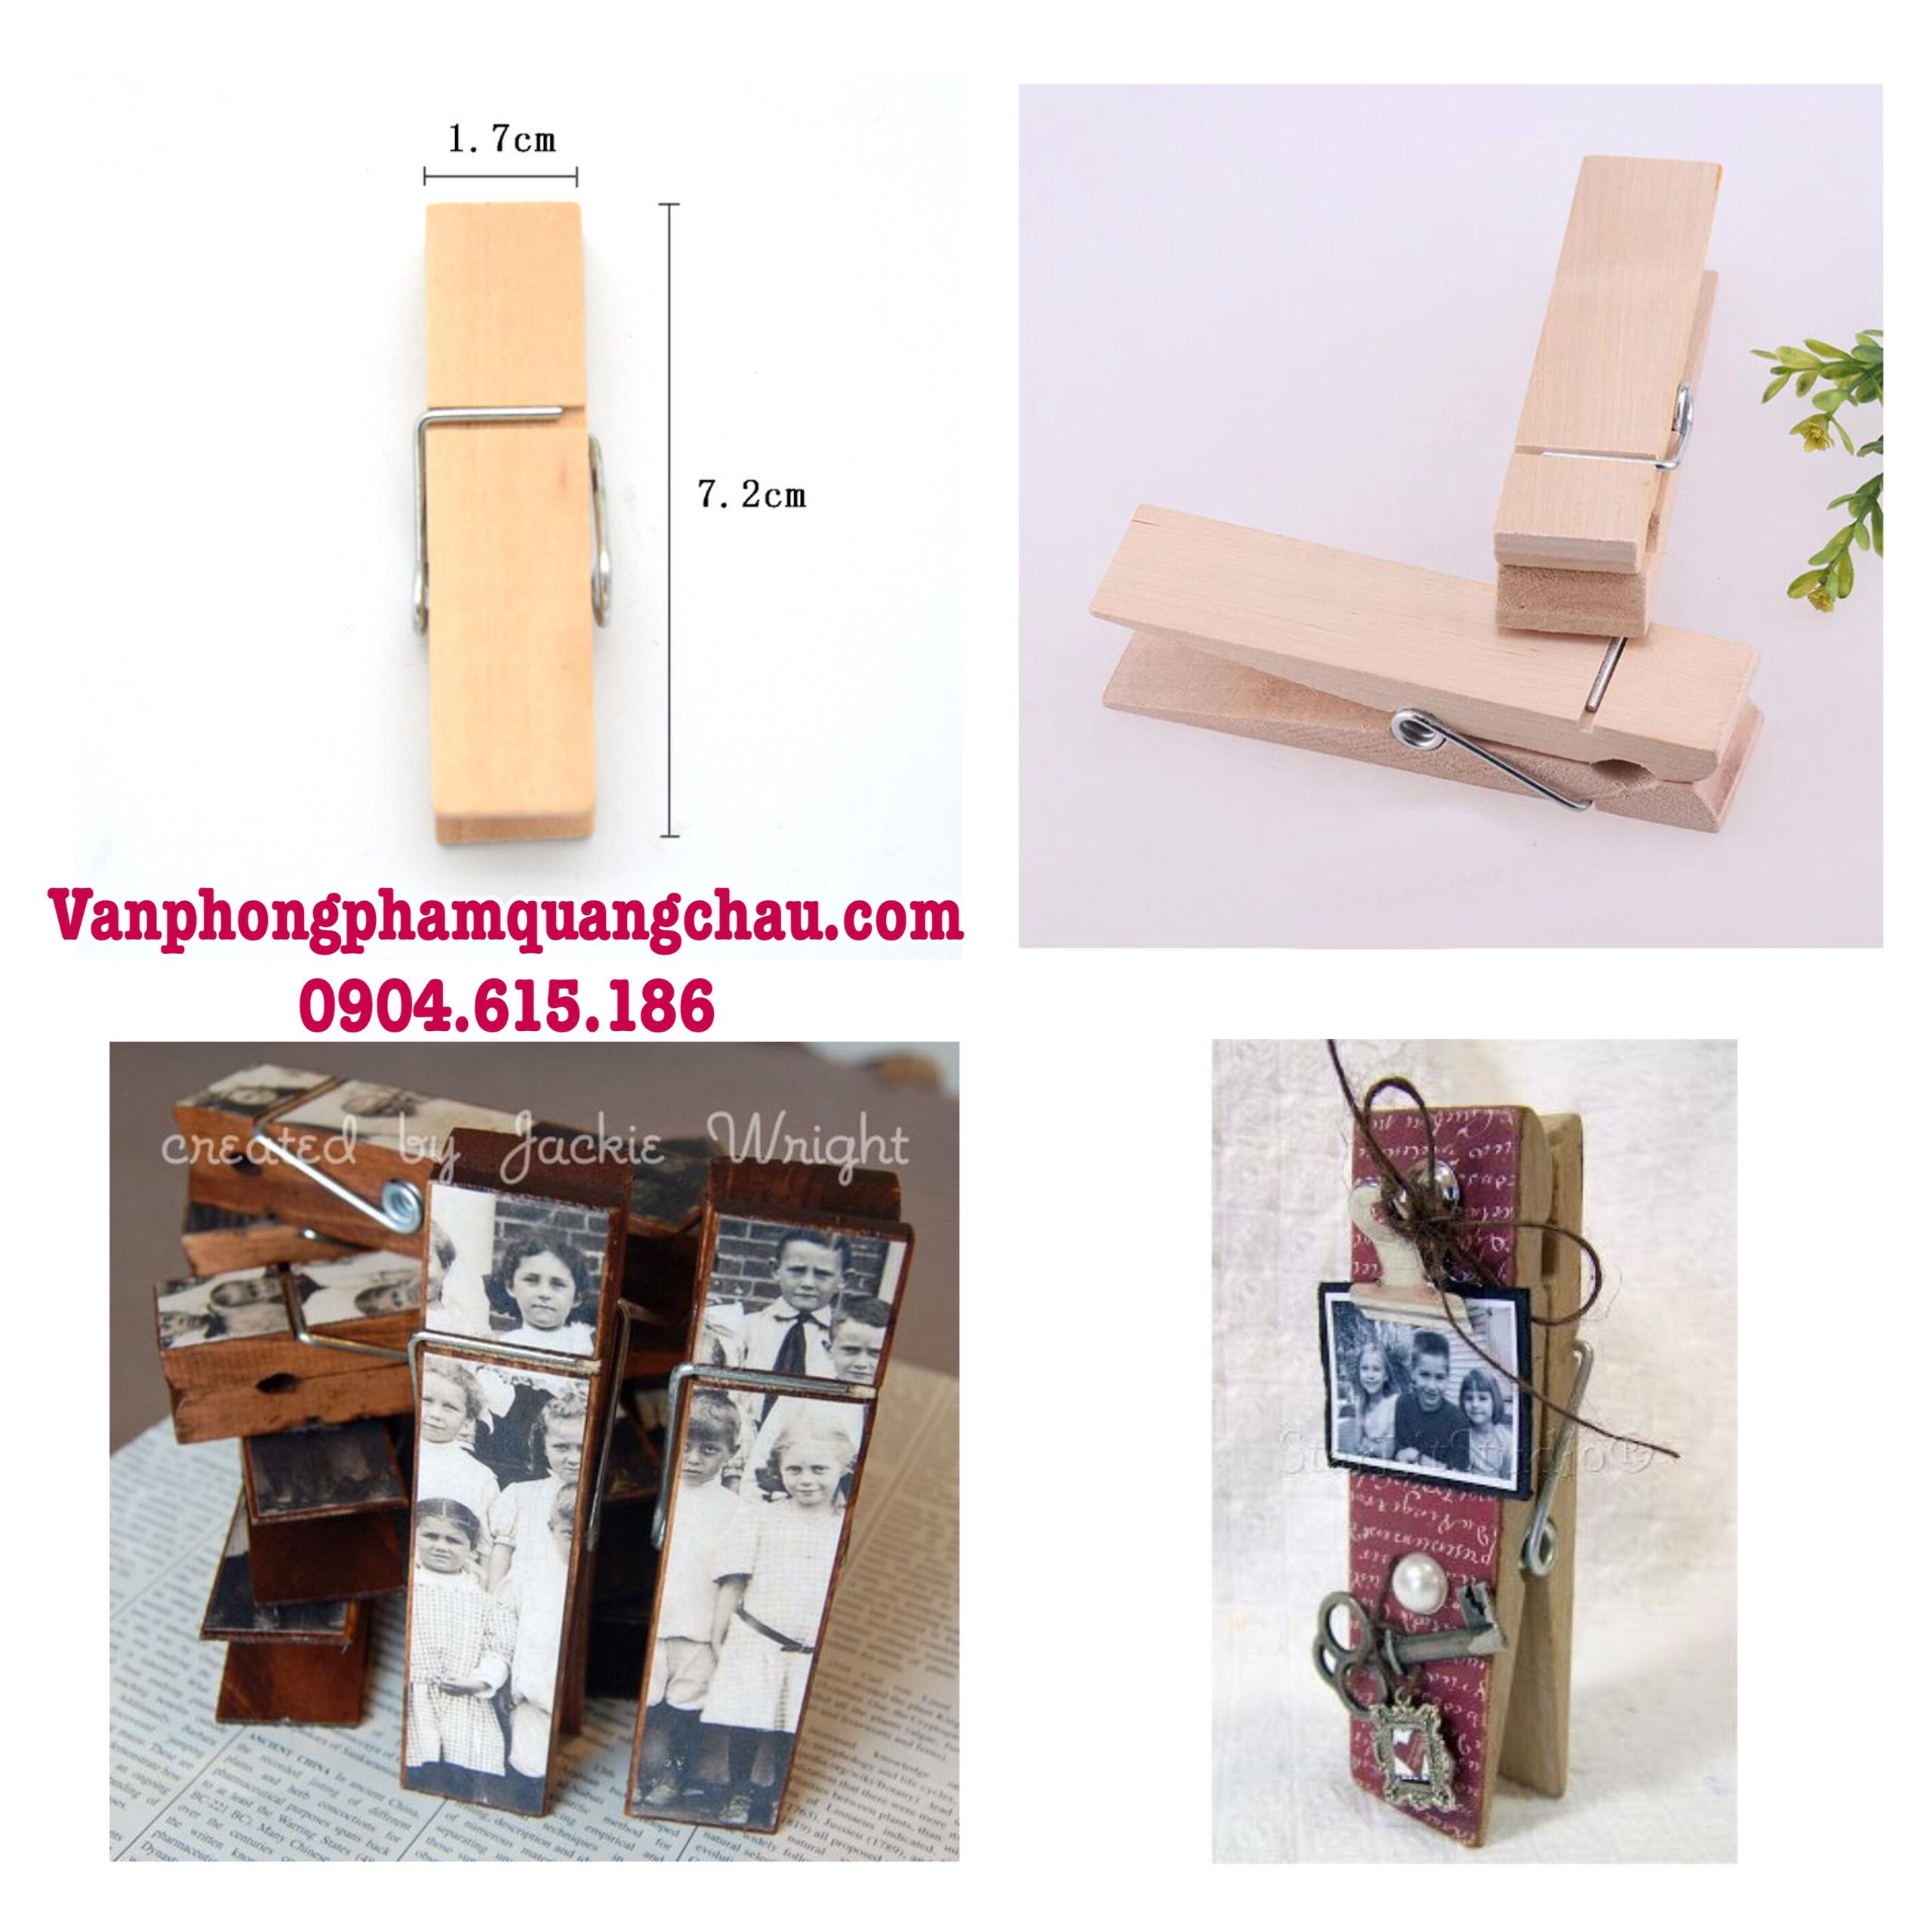 Kẹp gỗ trơn handmade size đại (1,7cm x 7,2cm)_G018